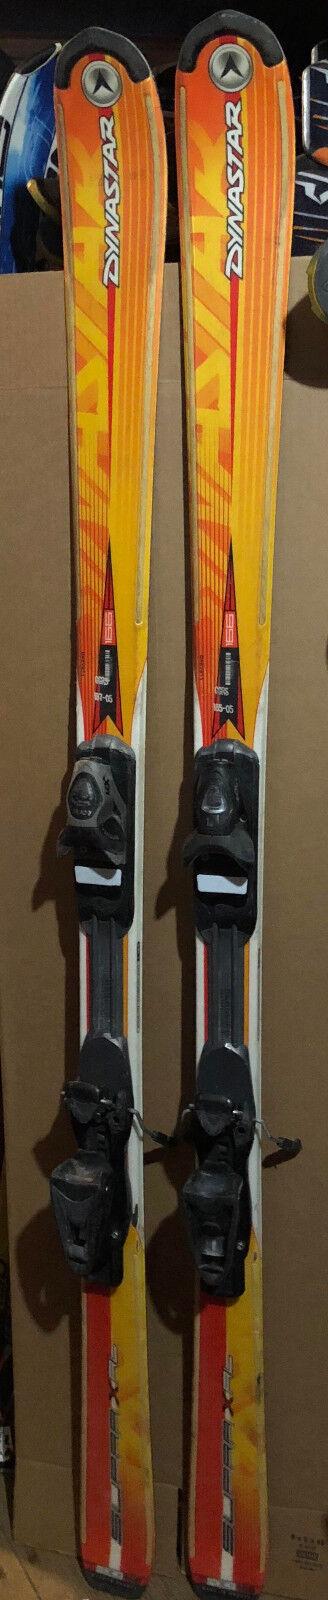 166 cm Dynastar Ski bindet Männer 8,5 oder 9 Skischuhe nie benutzt Leki Stöcke